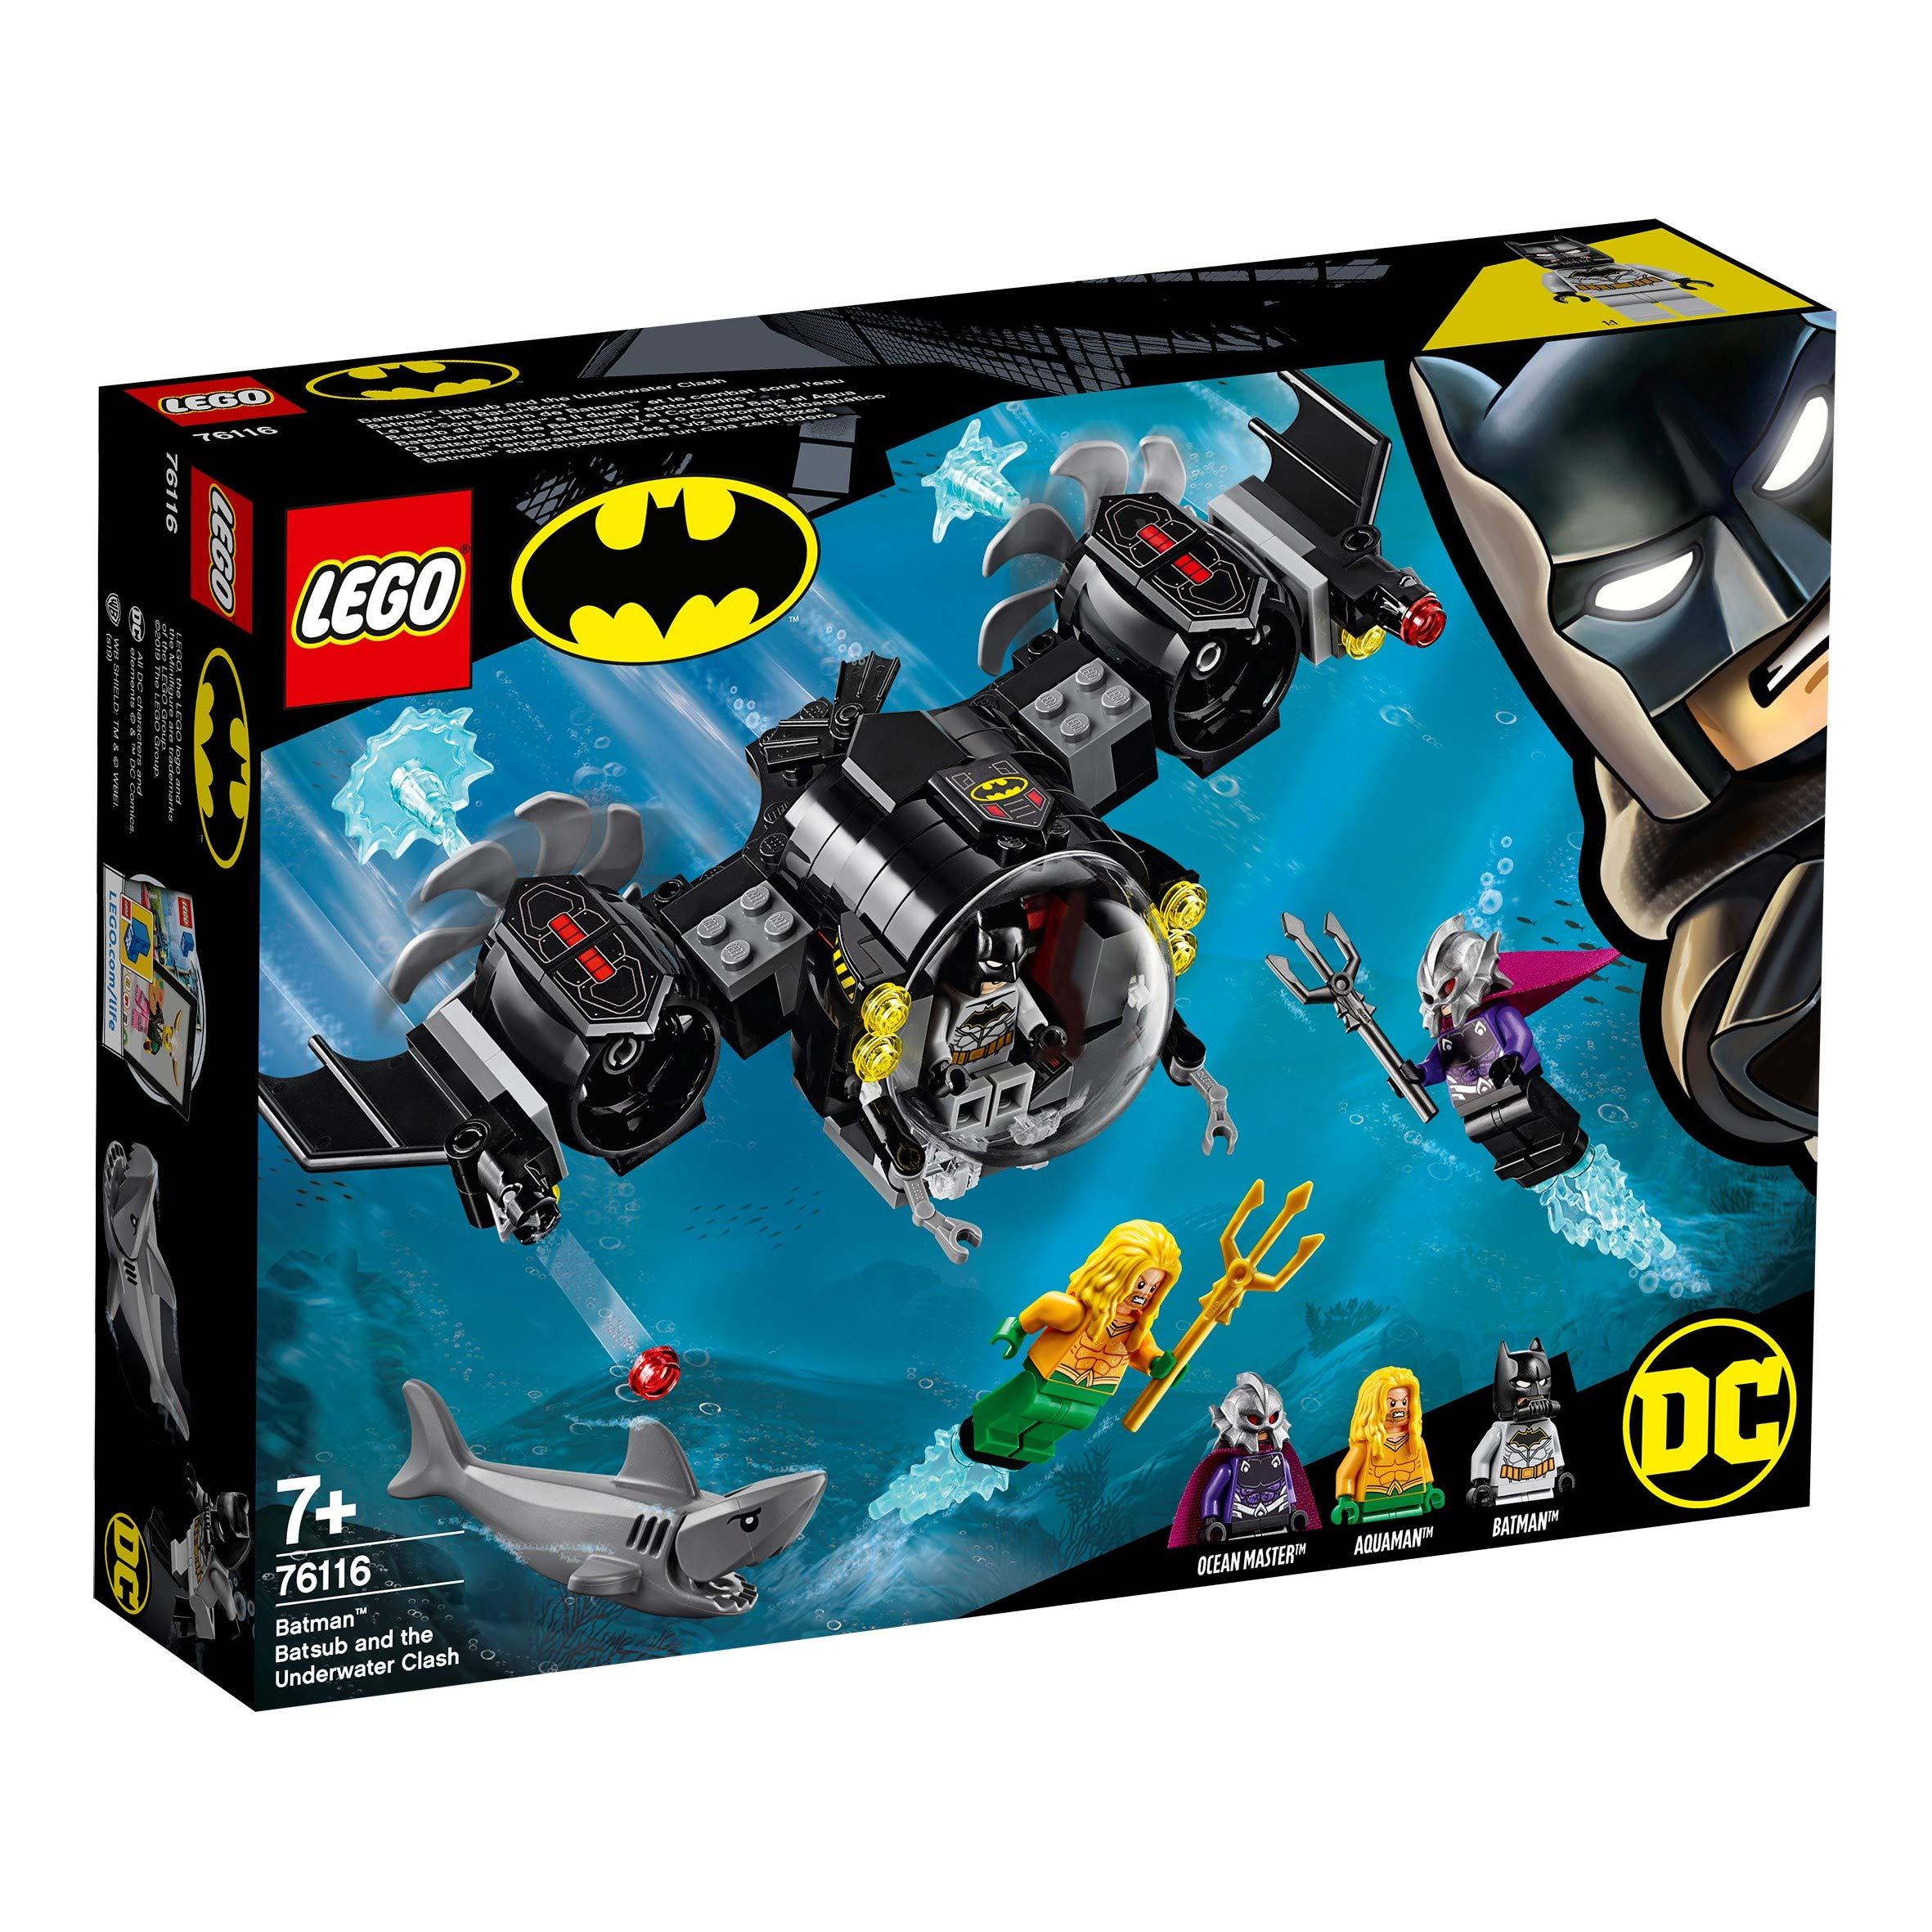 aus Set 76116 Figur LEGO ® 1 Hai DC Super Heroes Minifigur Batman